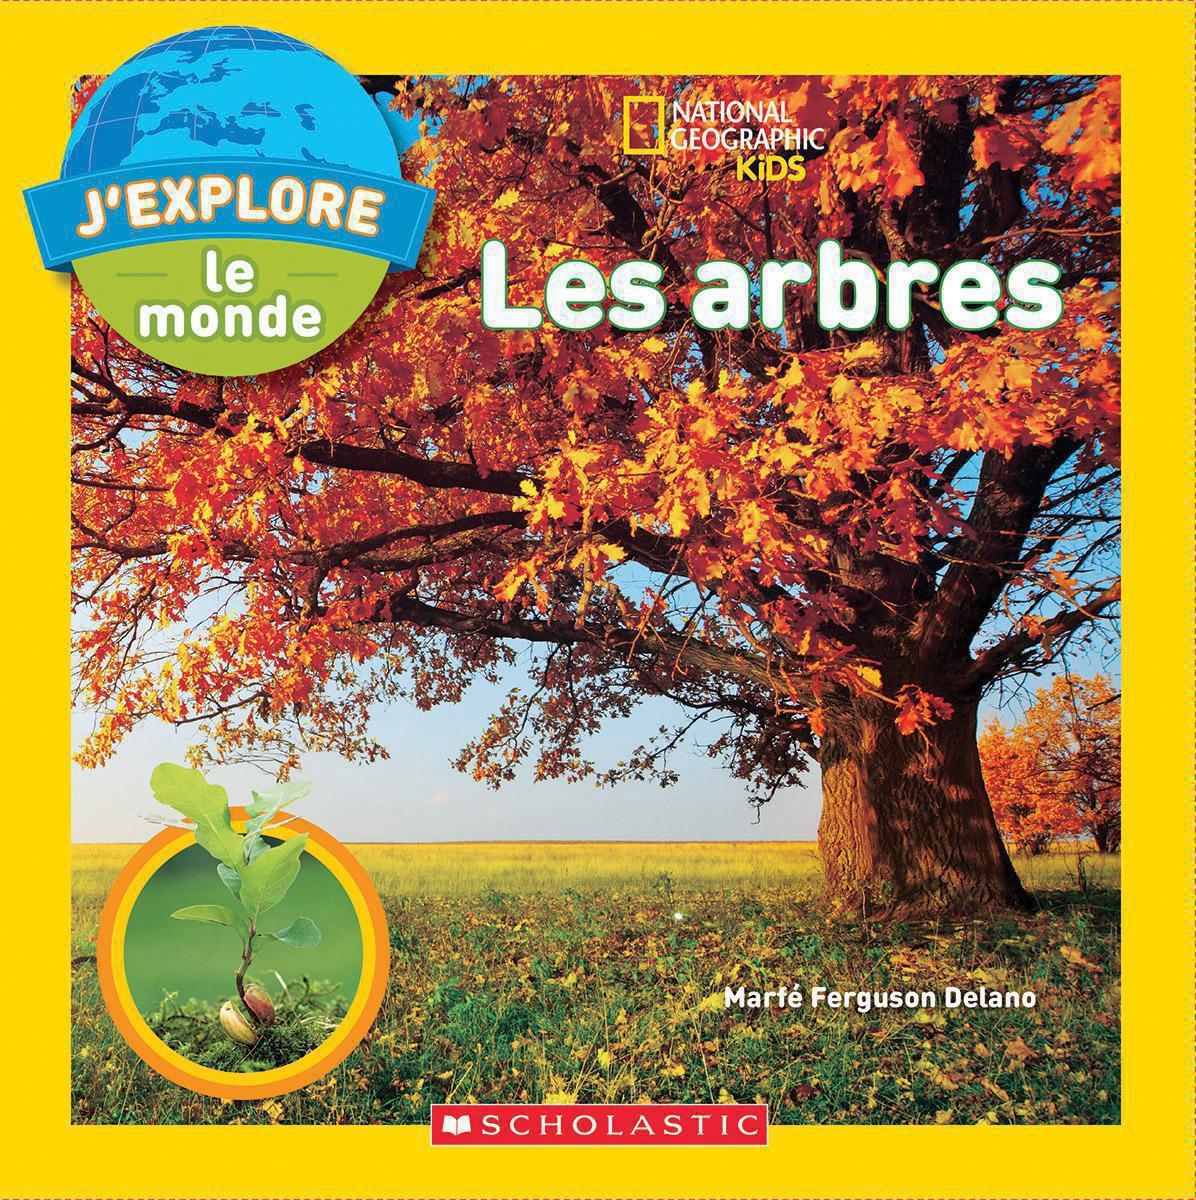 National Geographic Kids : J'explore le monde : Les arbres